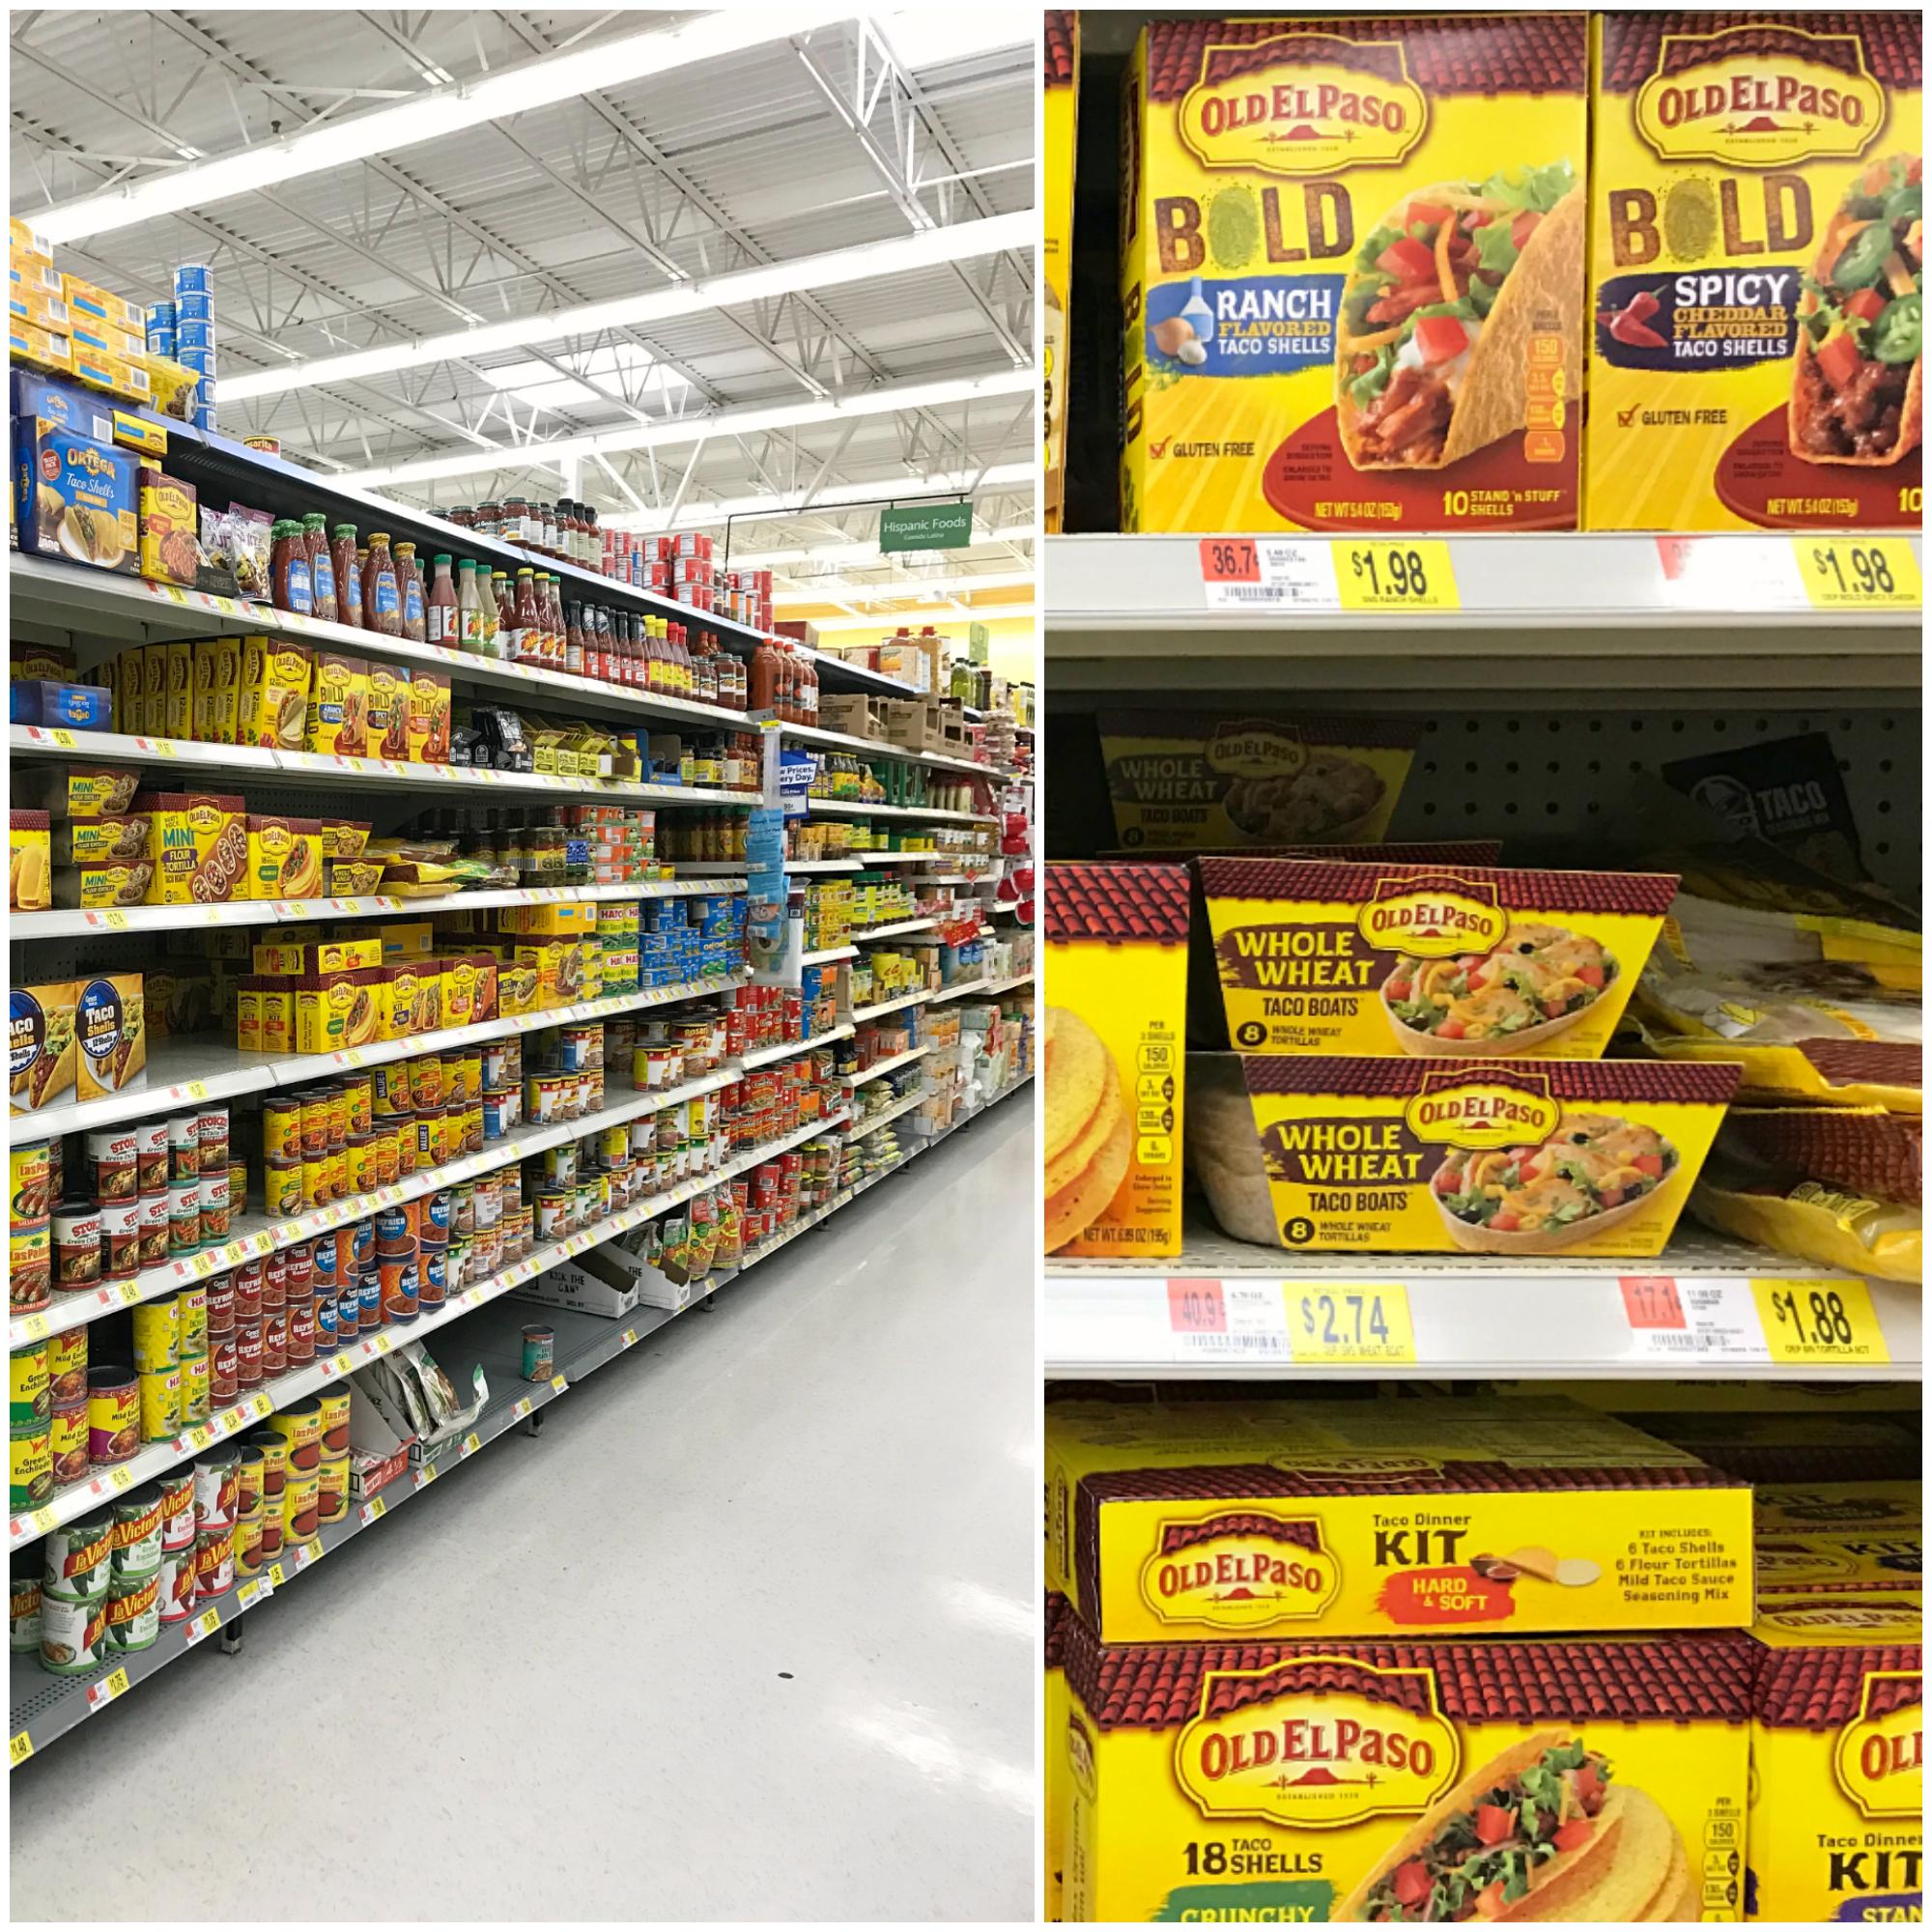 Old El Paso at Walmart